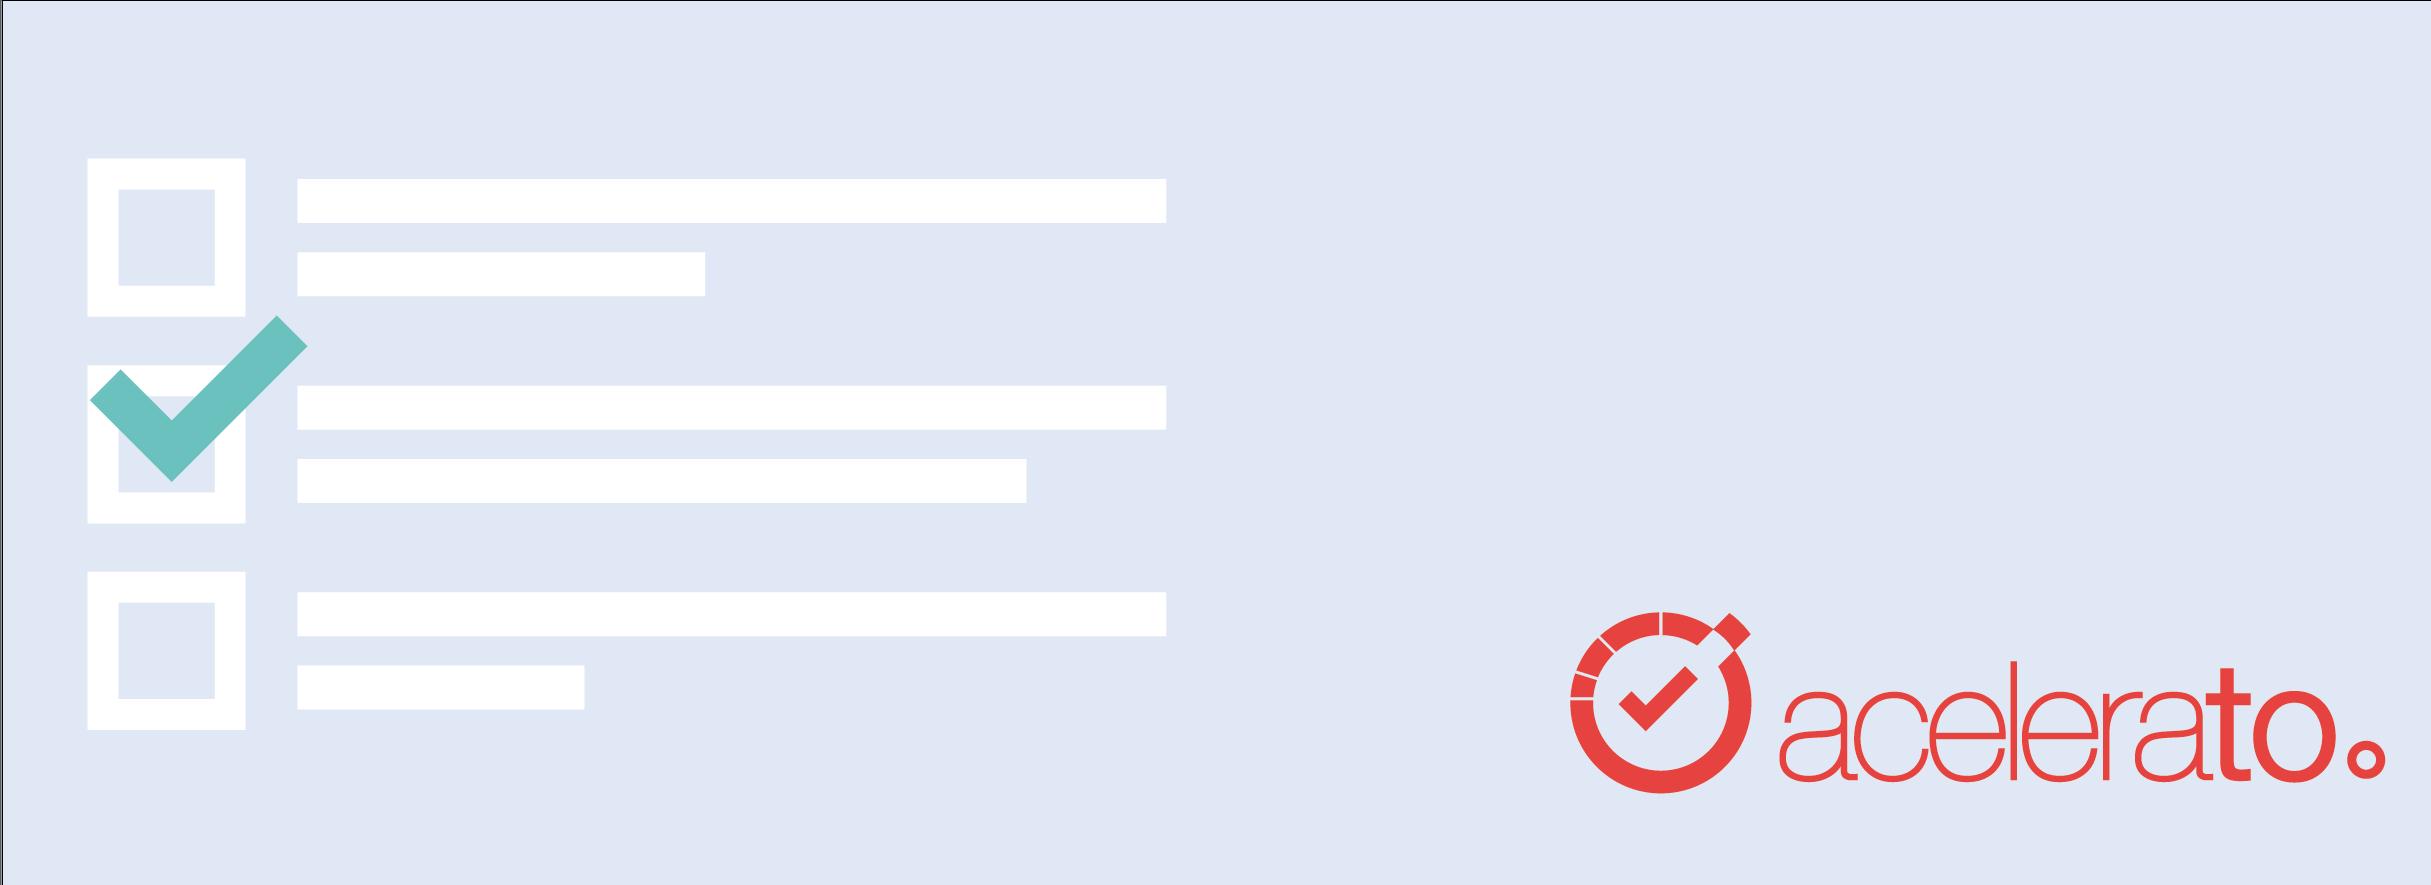 Dicas do Acelerato: Checklist de tarefas – Reduza grandes tarefas em uma lista de checkpoints